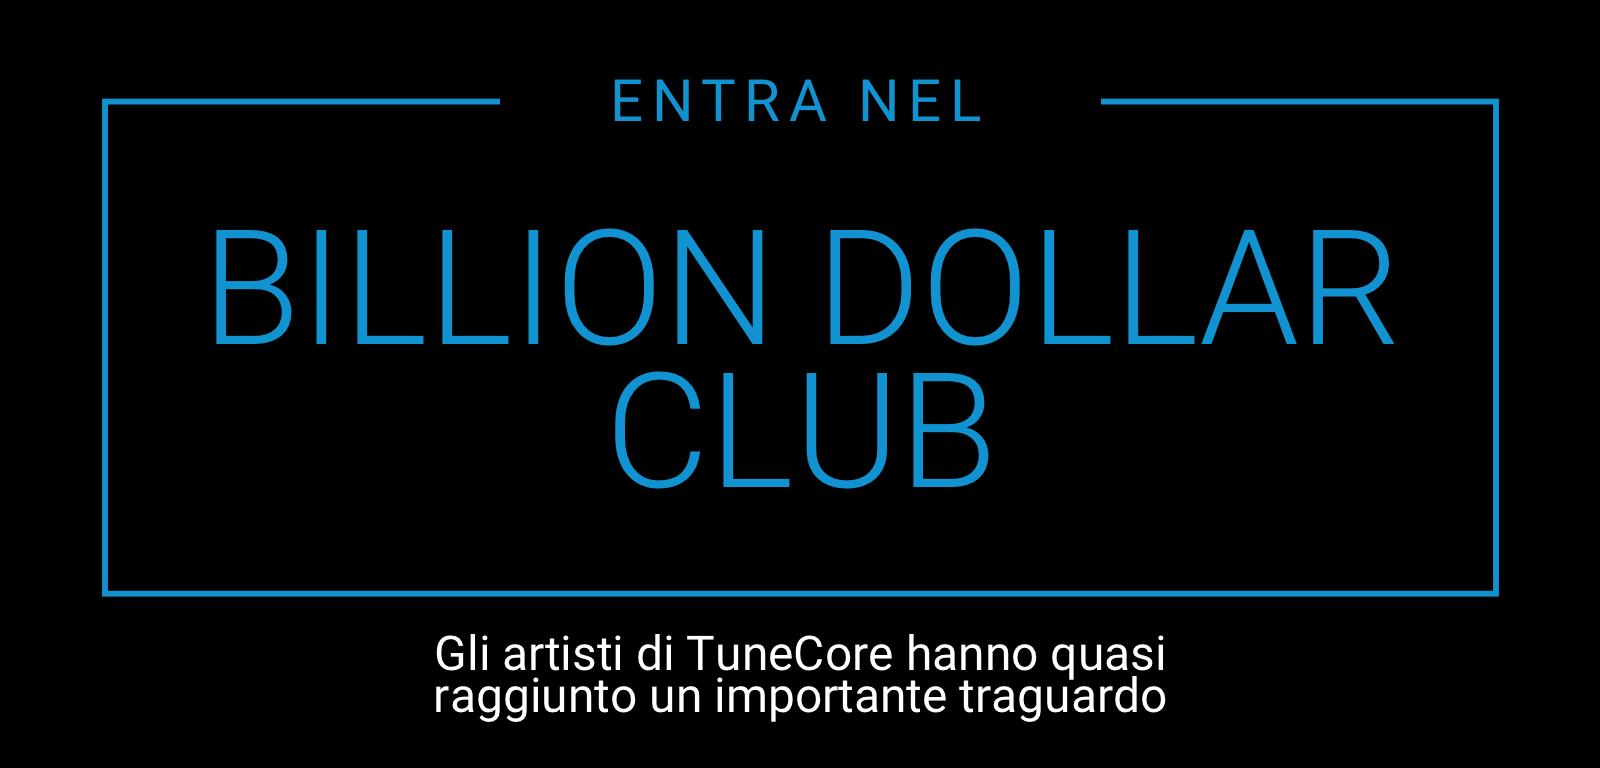 Per festeggiare il traguardo di un miliardo di dollari incassati dagli artisti su Tunecore, il fornitore n 1 nel mondo per artisti indipendenti lancia BILLION DOLLAR CLUB... Per una settimana da oggi è possibile caricare gratis un singolo su TUNECORE.IT